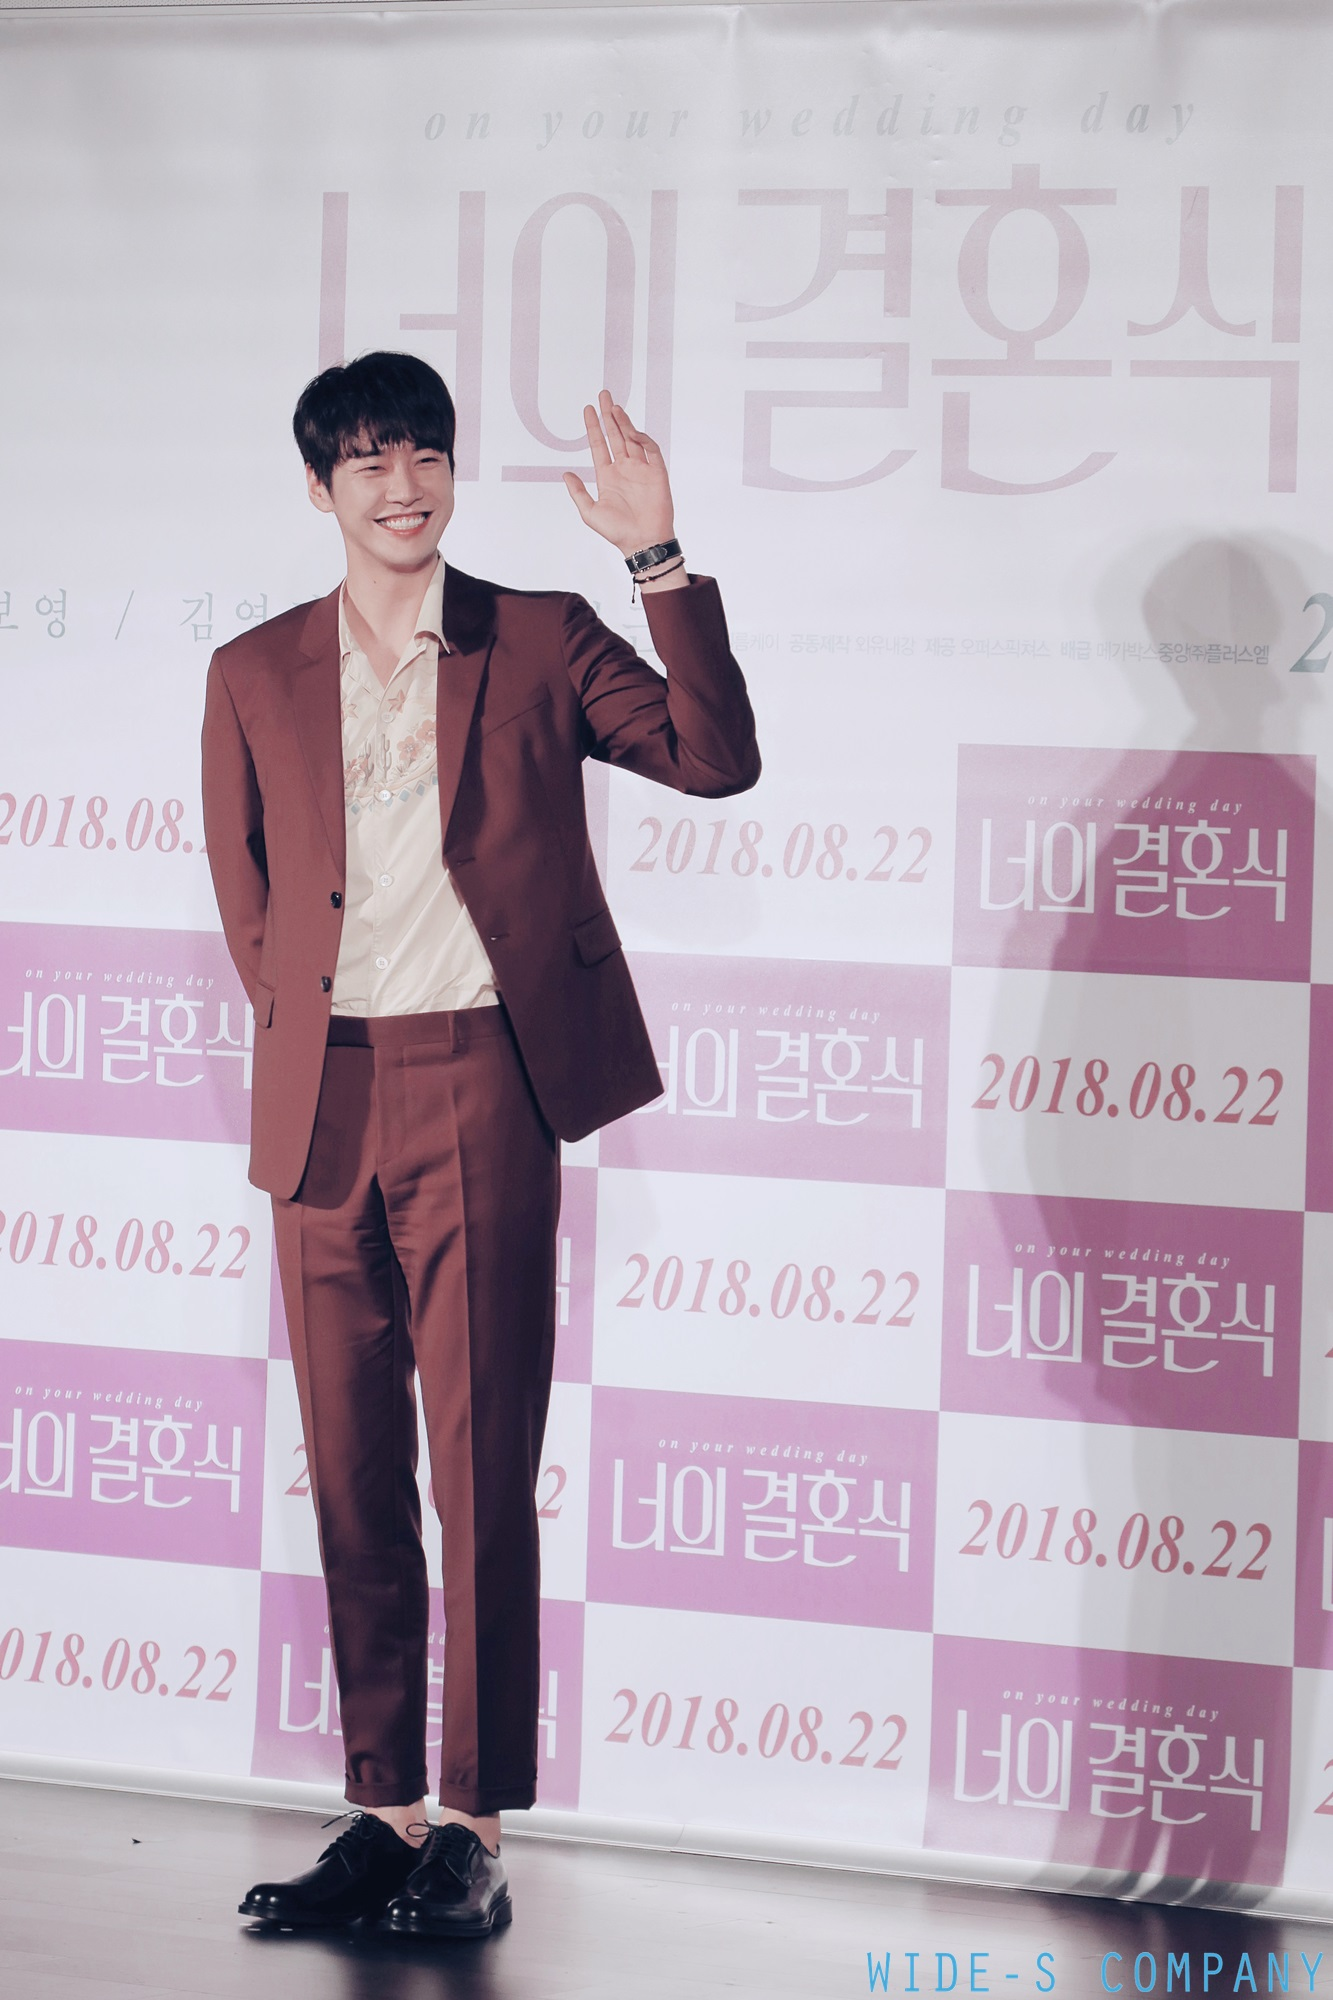 korean actors tall, actors height, actors 187 cm, kim youngkwang